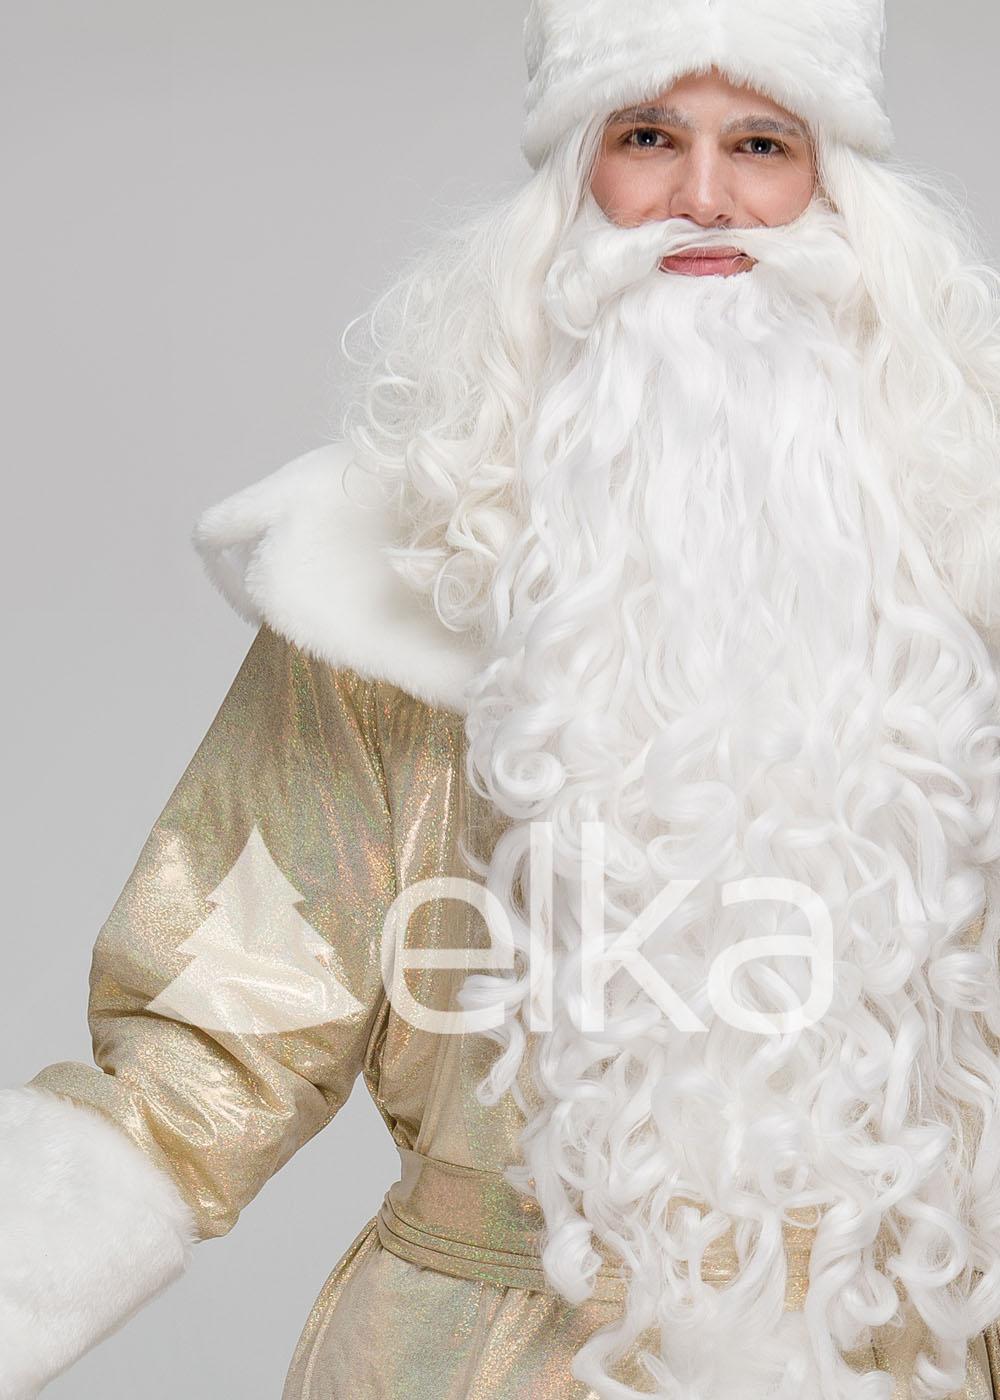 Костюм Деда Мороза Владимирский золотой